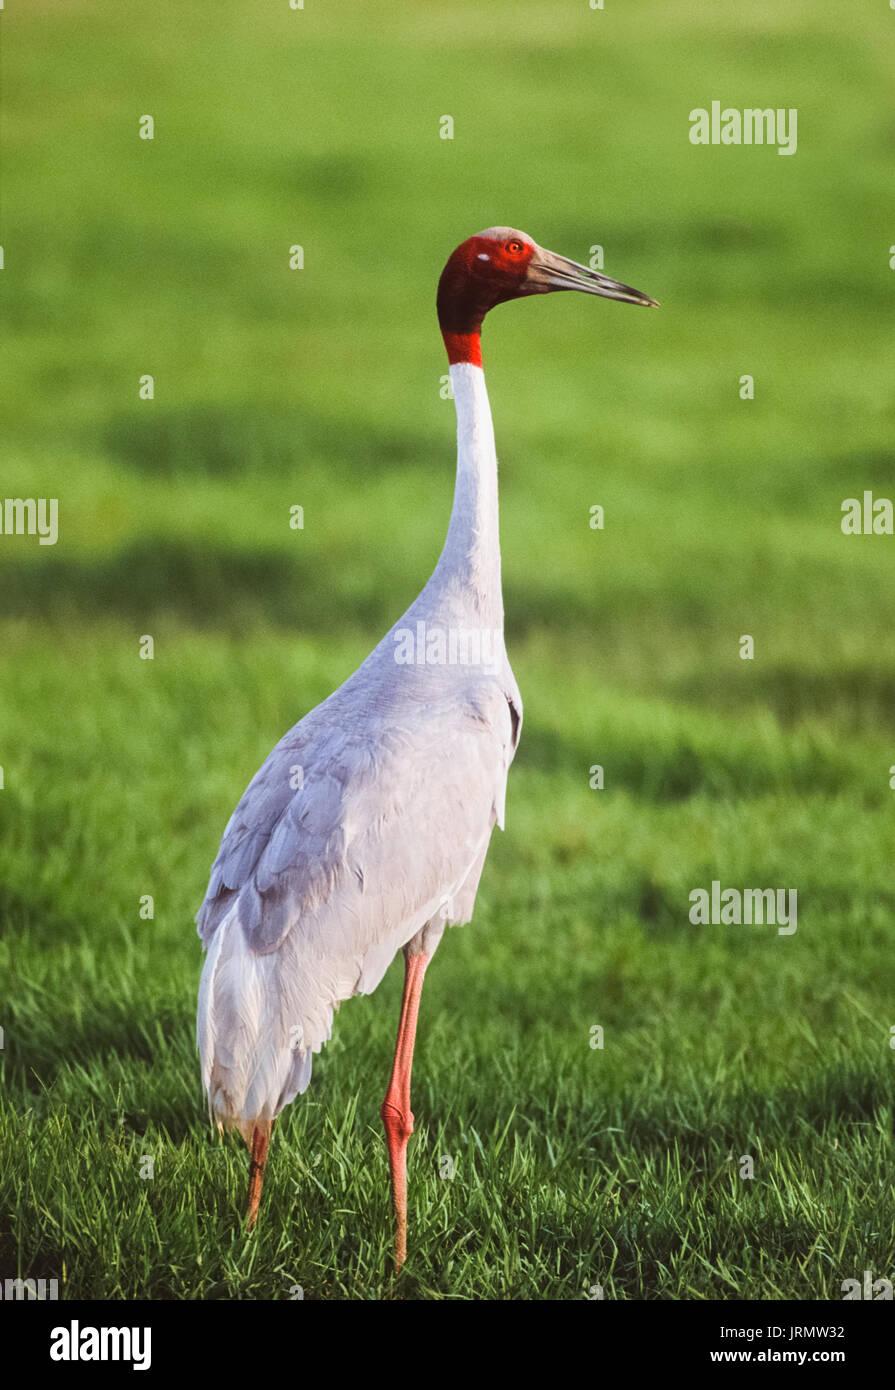 Sarus Crane,(Antigone antigone), Keoladeo Ghana National Park, Bharatpur, Rajasthan, India - Stock Image